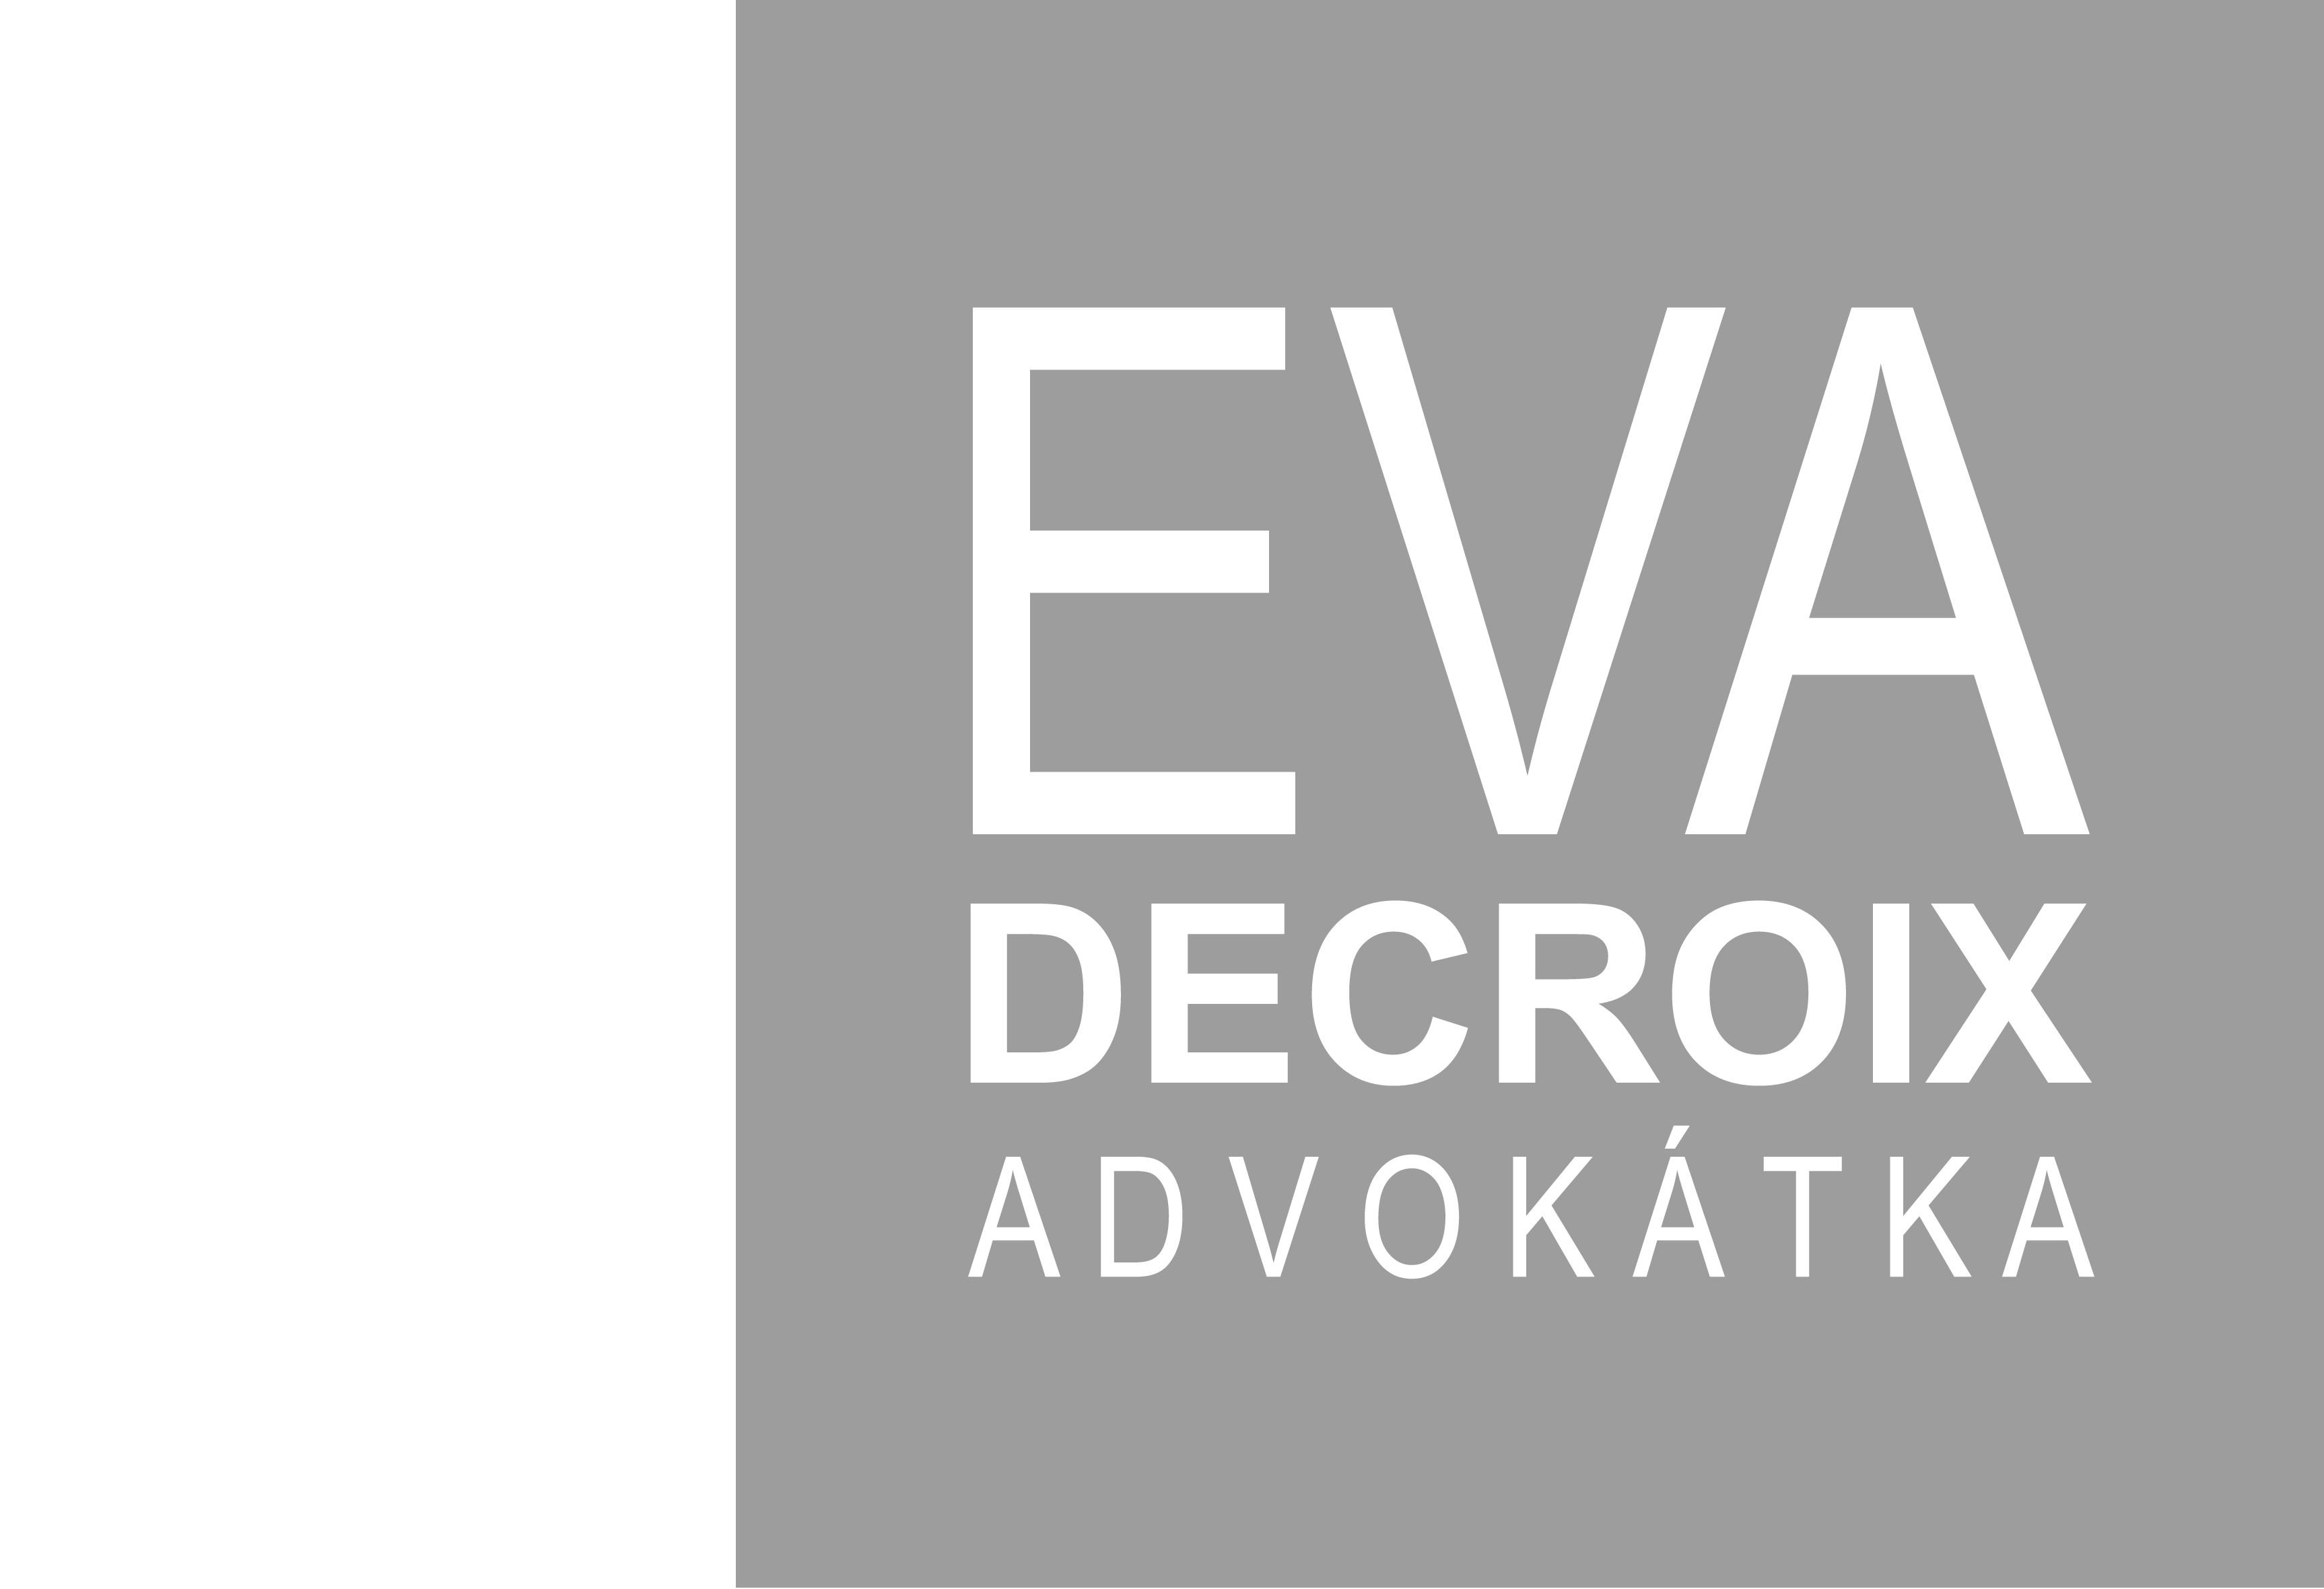 www.decroix.cz - logo